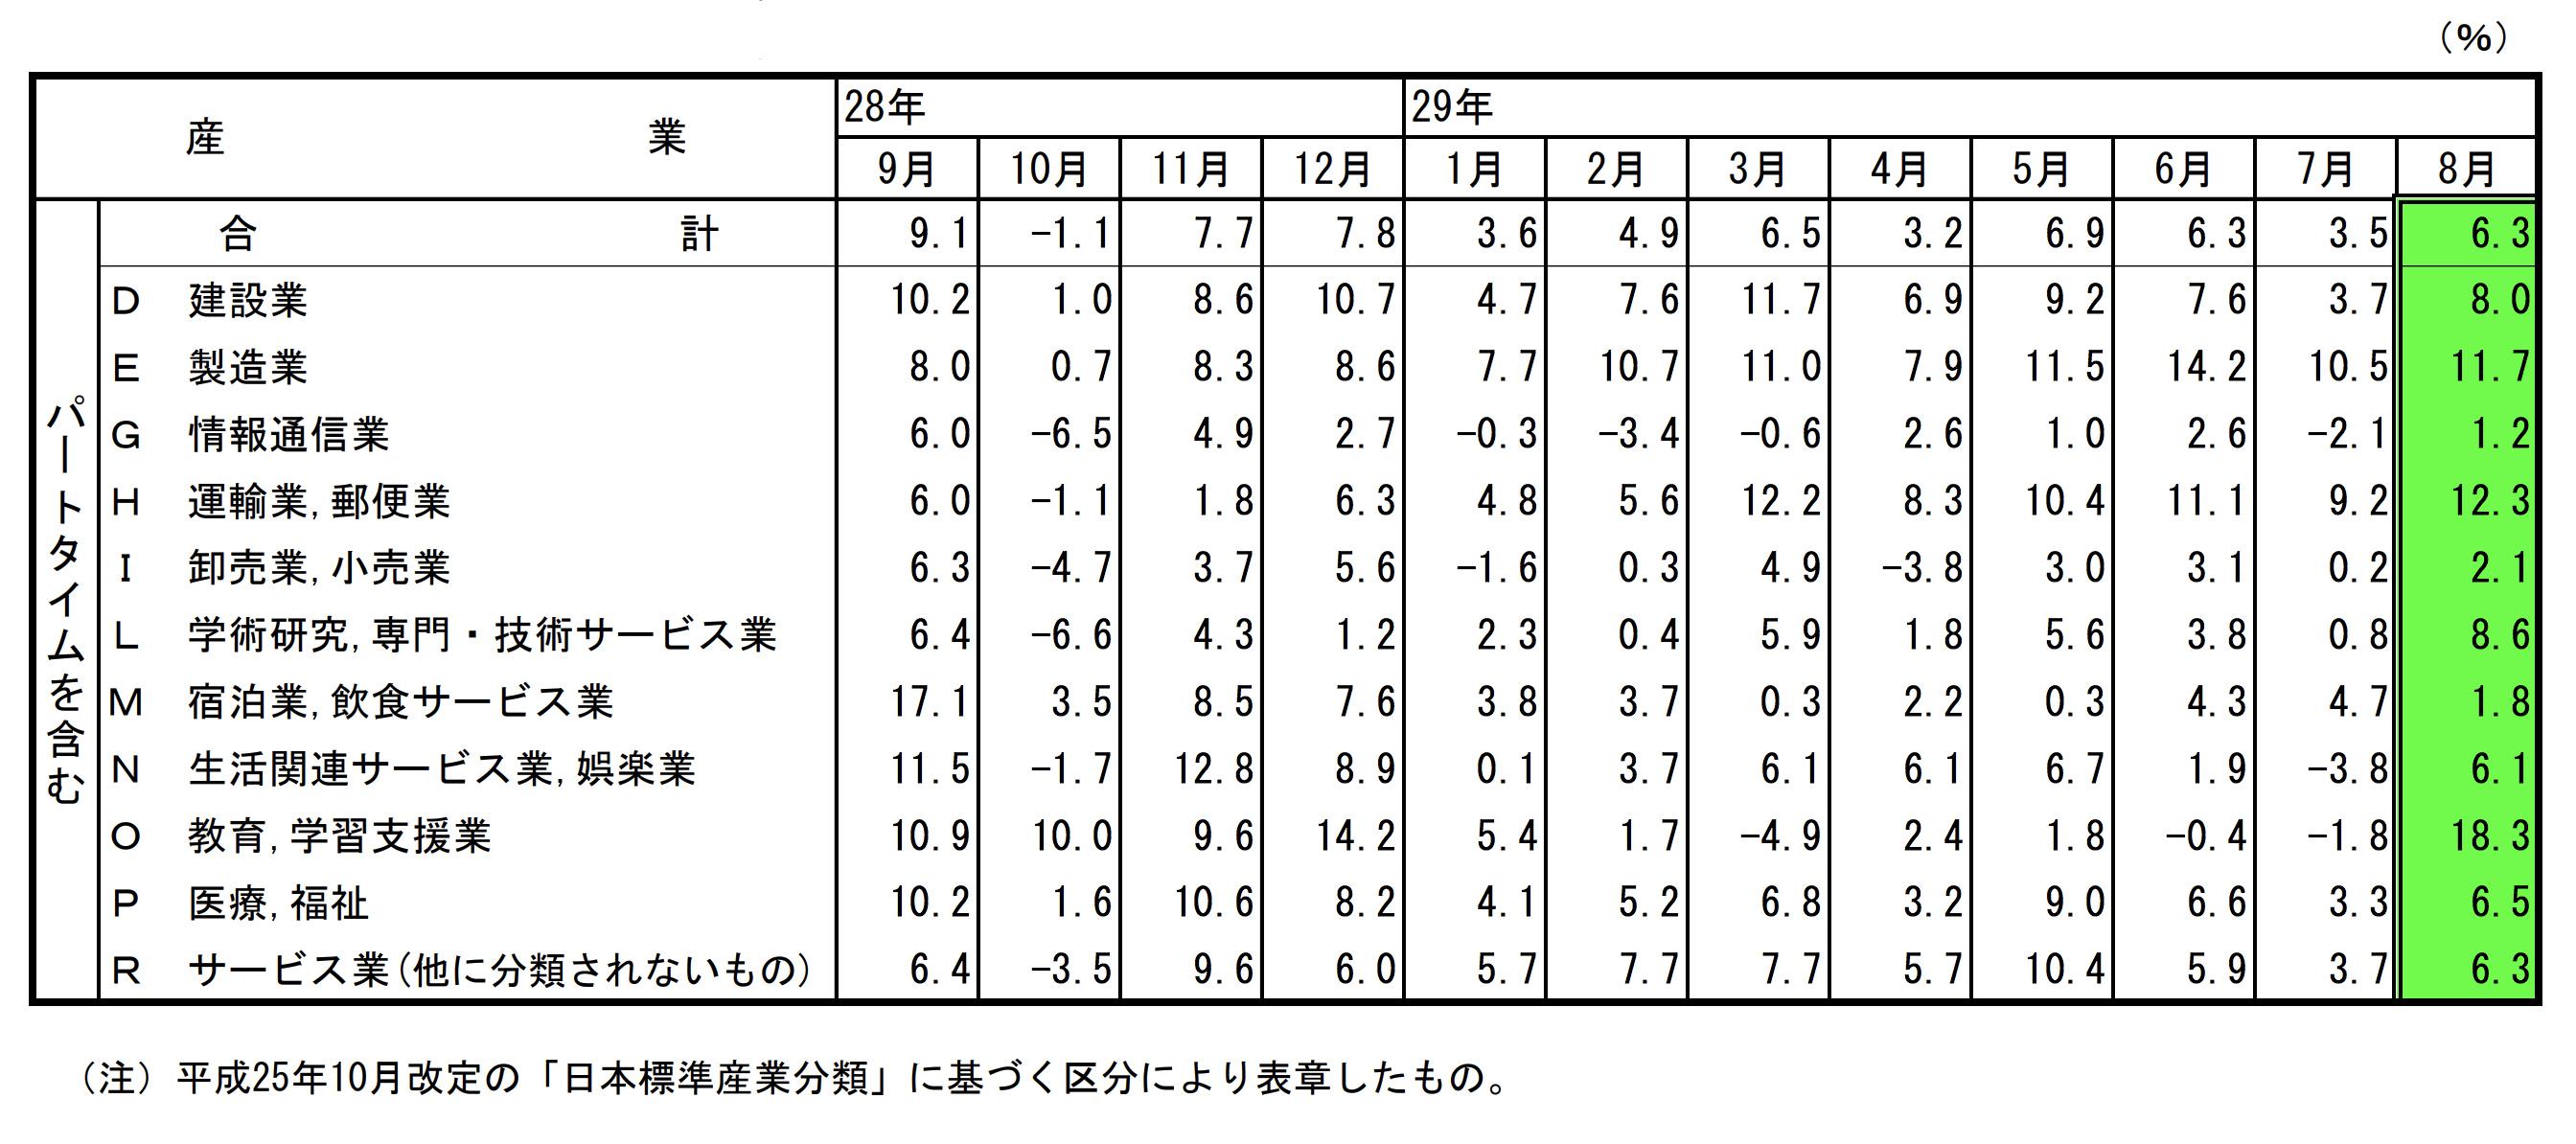 主要産業における対前年同月比の推移1710